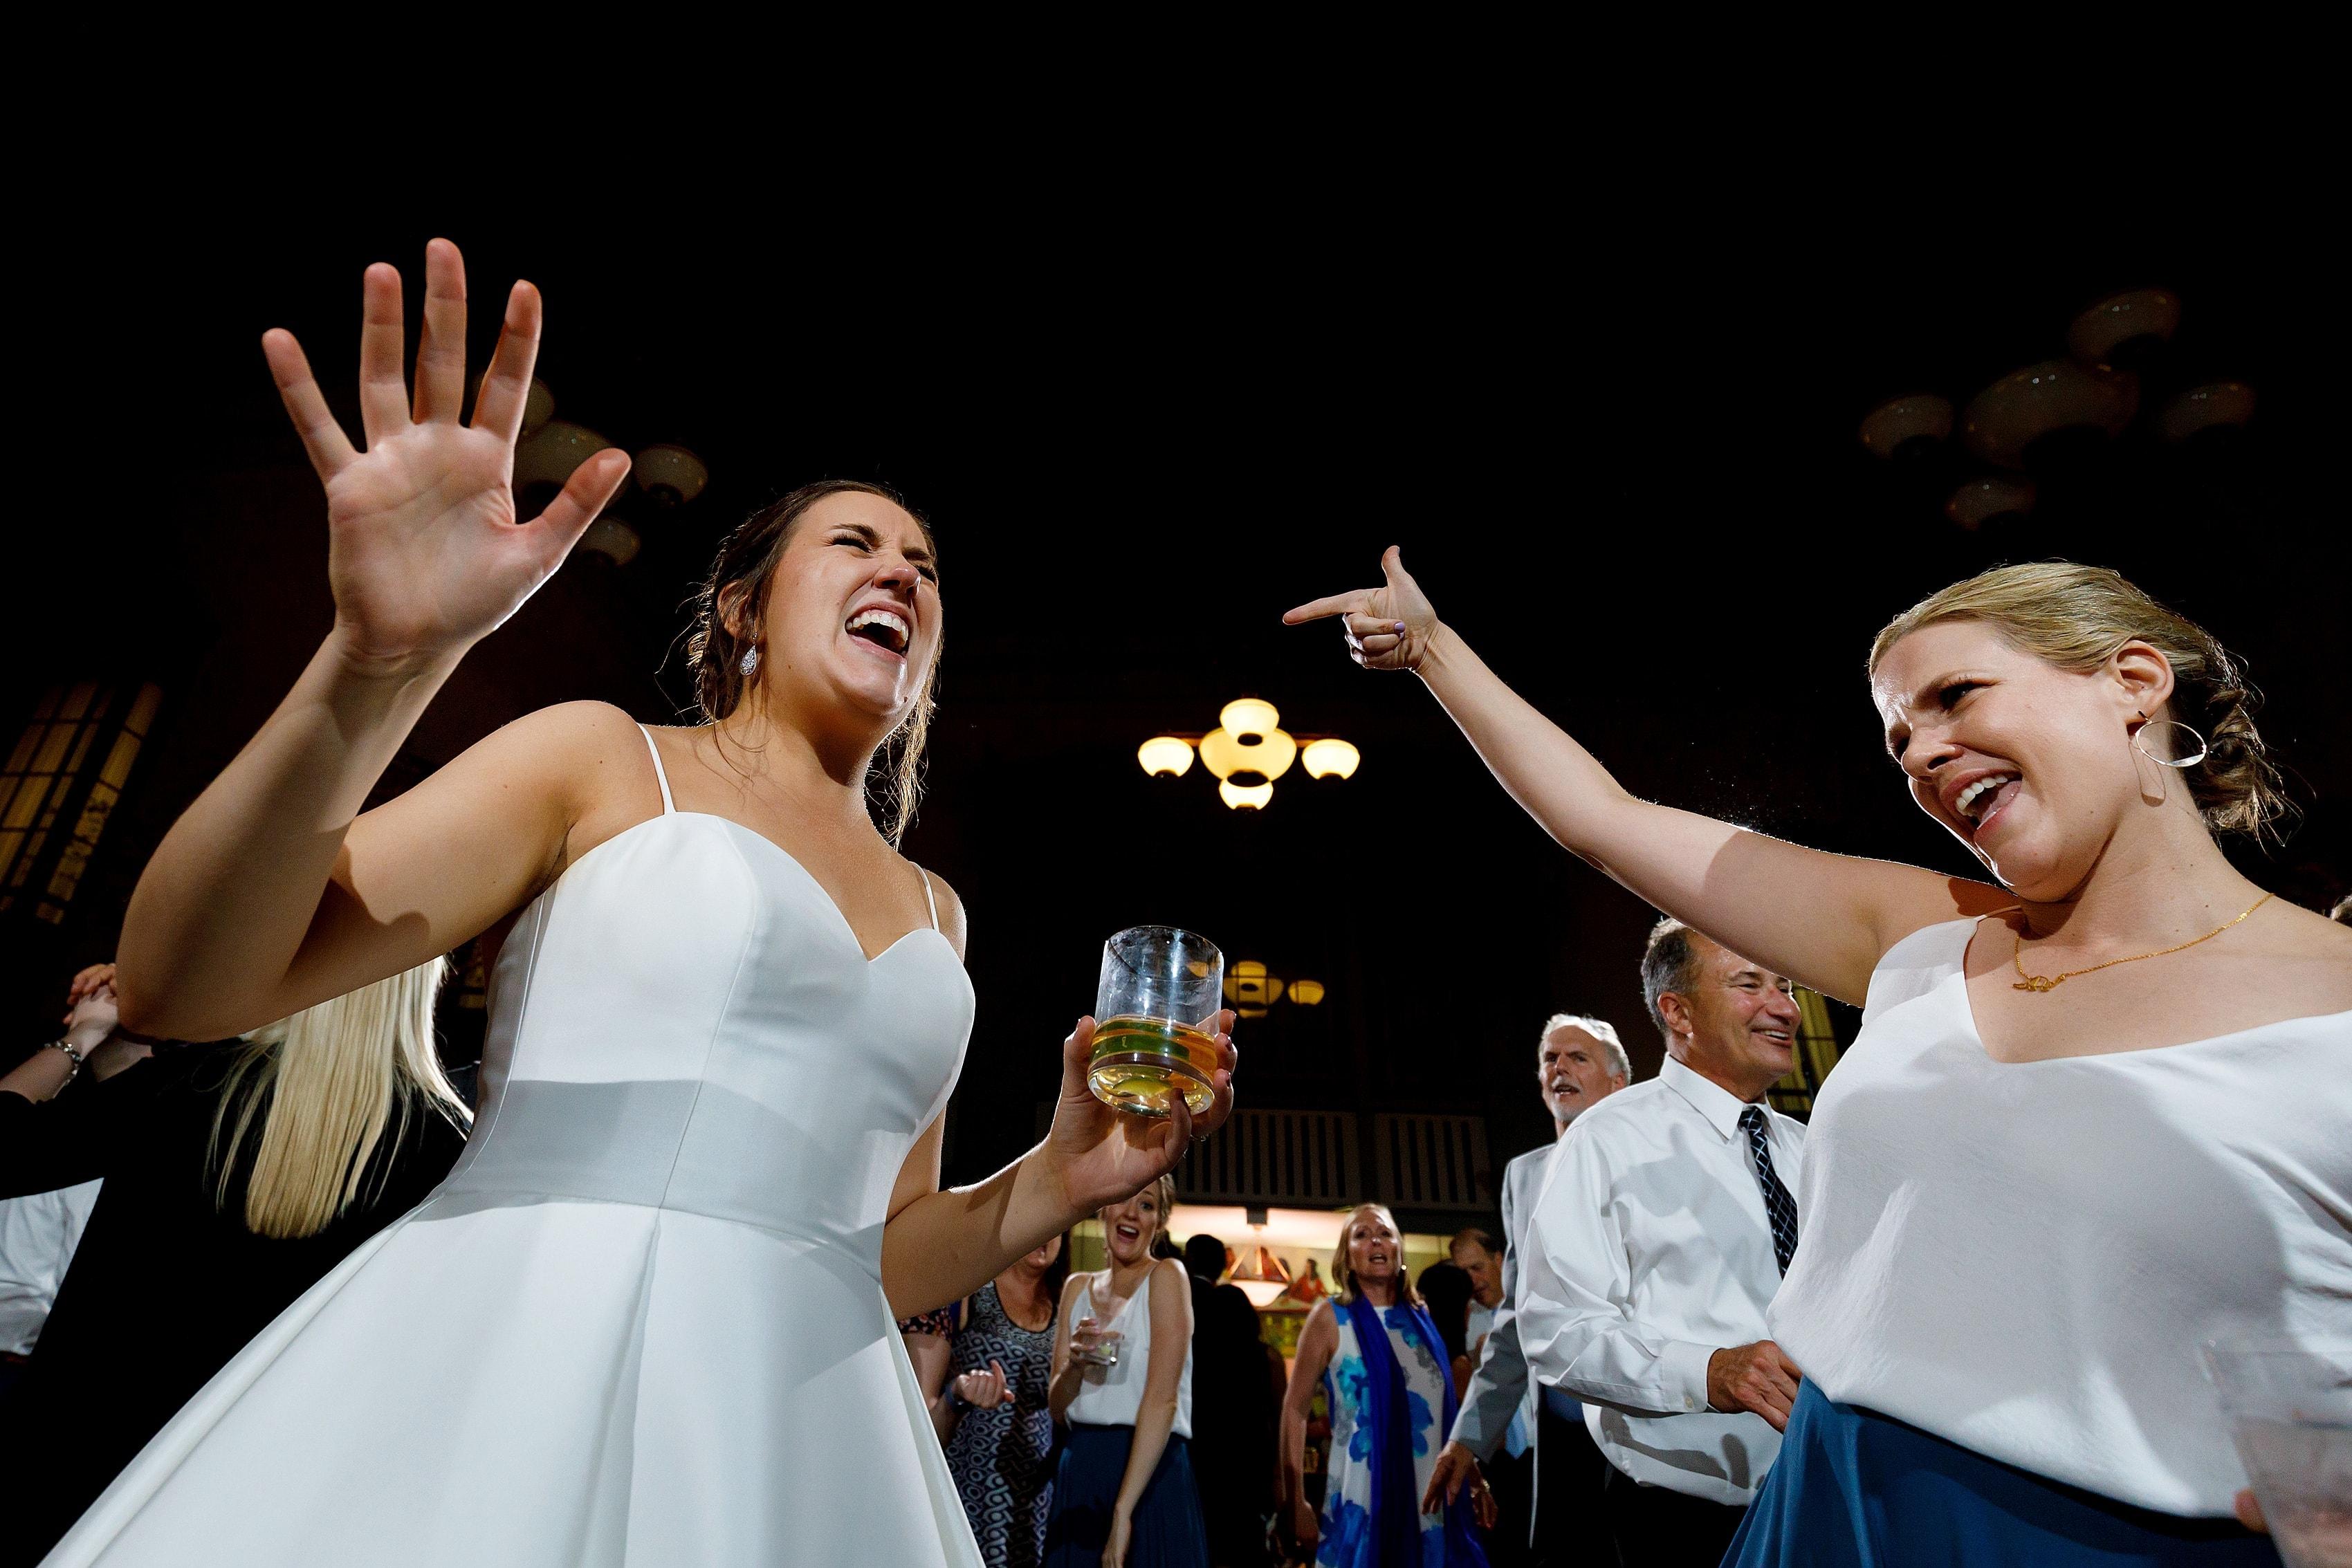 bride and wedding guests dancing during wedding reception at Harold Washington Library